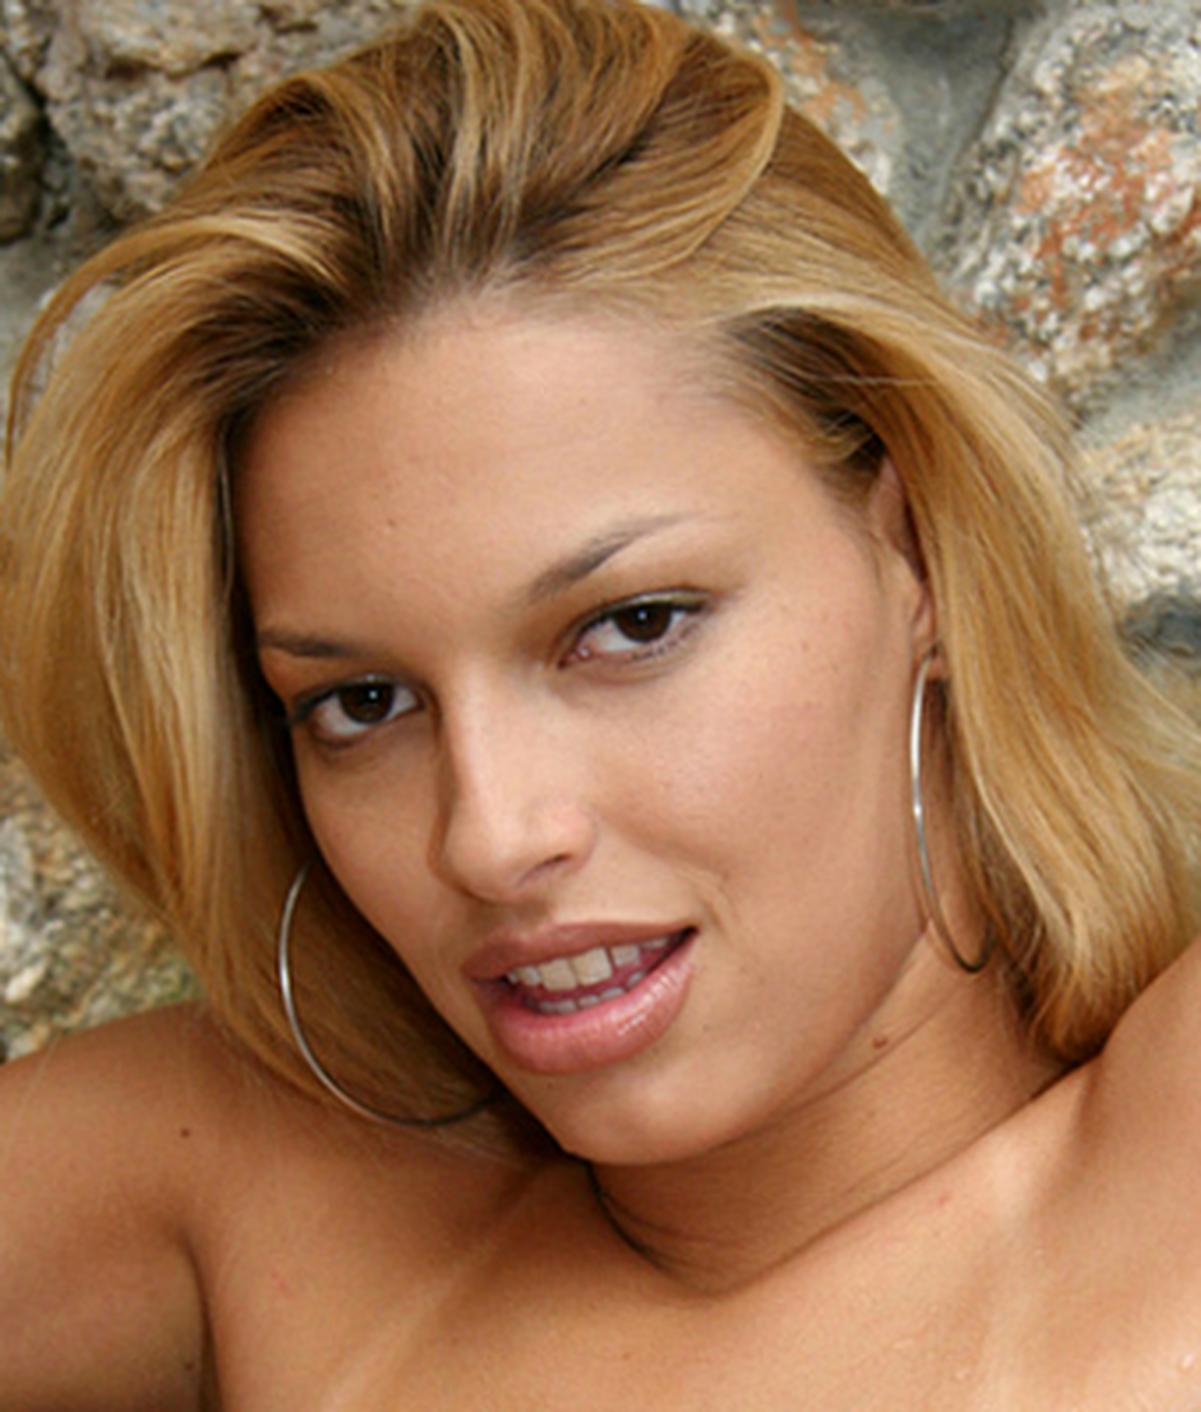 Nikki Rio